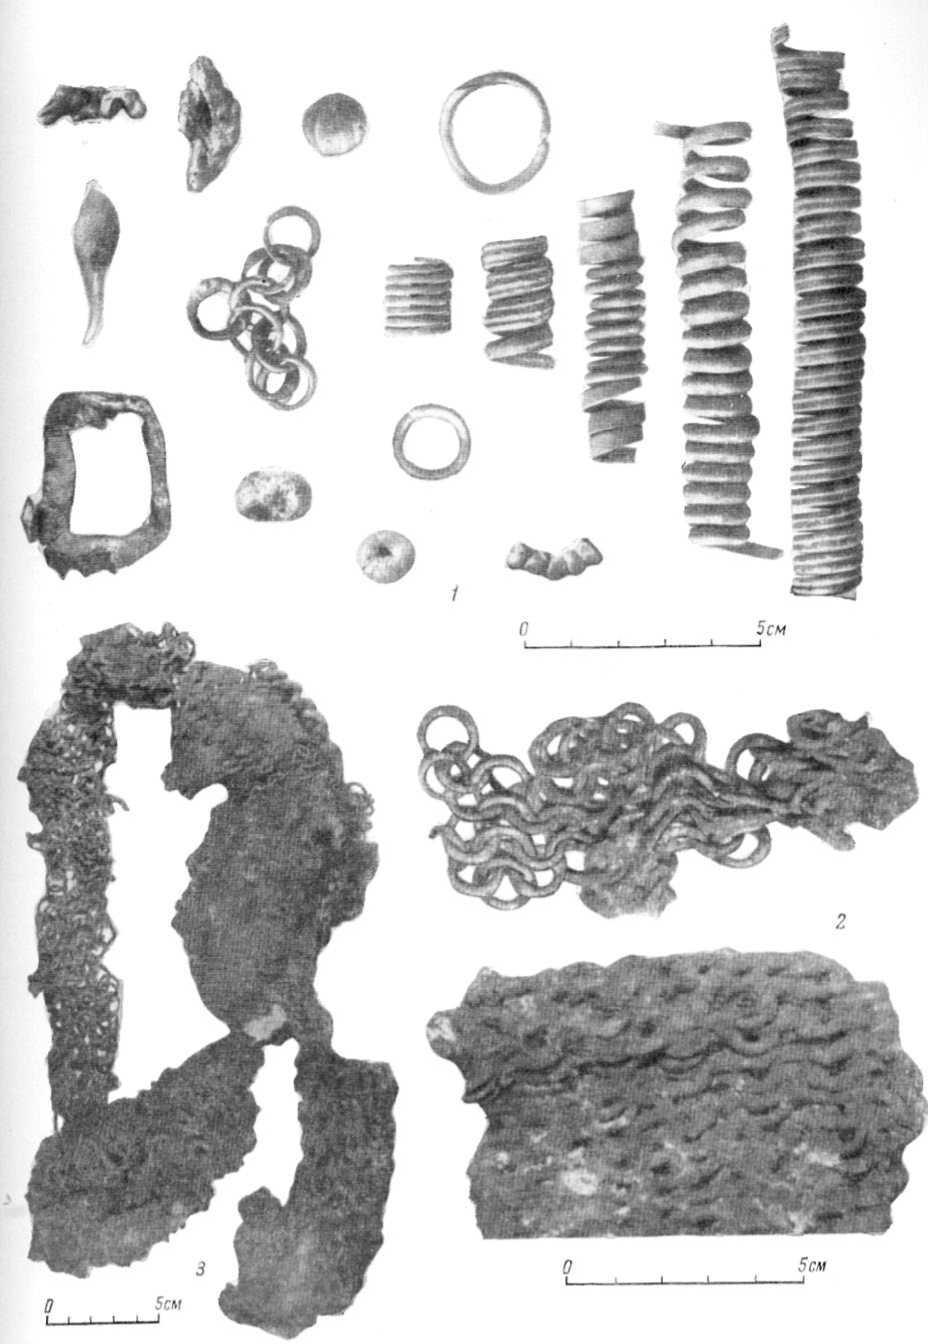 Таблица I. Кольчуги VIII—X вв. 1 - Княжое Село (№ 4), обрывки кольчужного плетения и сопутствующие им вещи; 2 — Гнездово (№ 12); 3 — Гнездово (№ 8).